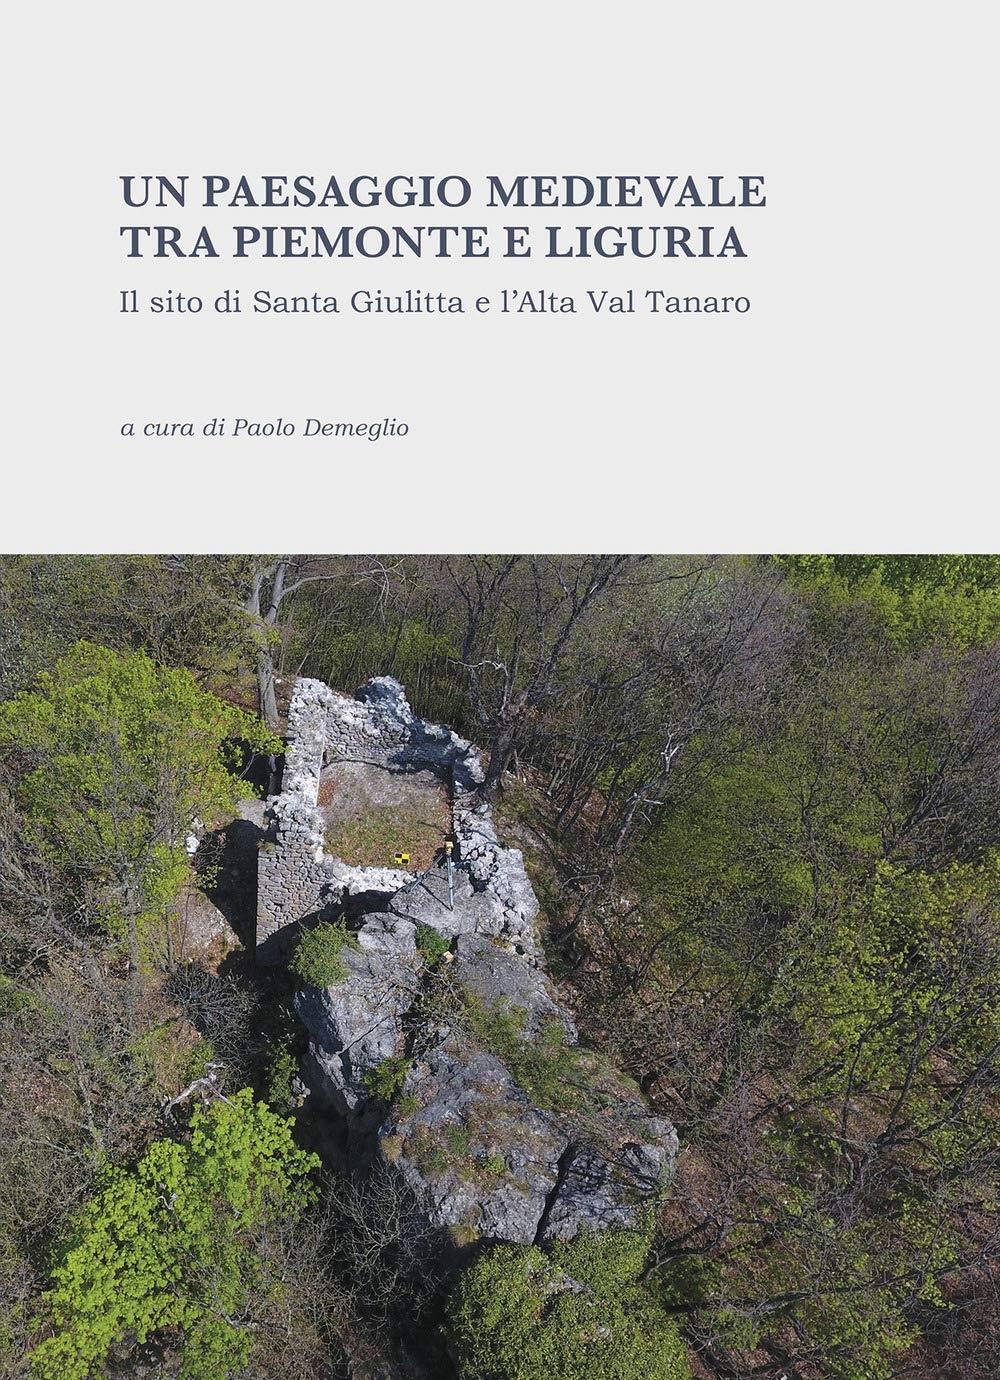 Un paesaggio medievale tra Piemonte e Liguria. Il sito di Santa Giulitta e l'Alta Val Tanaro.